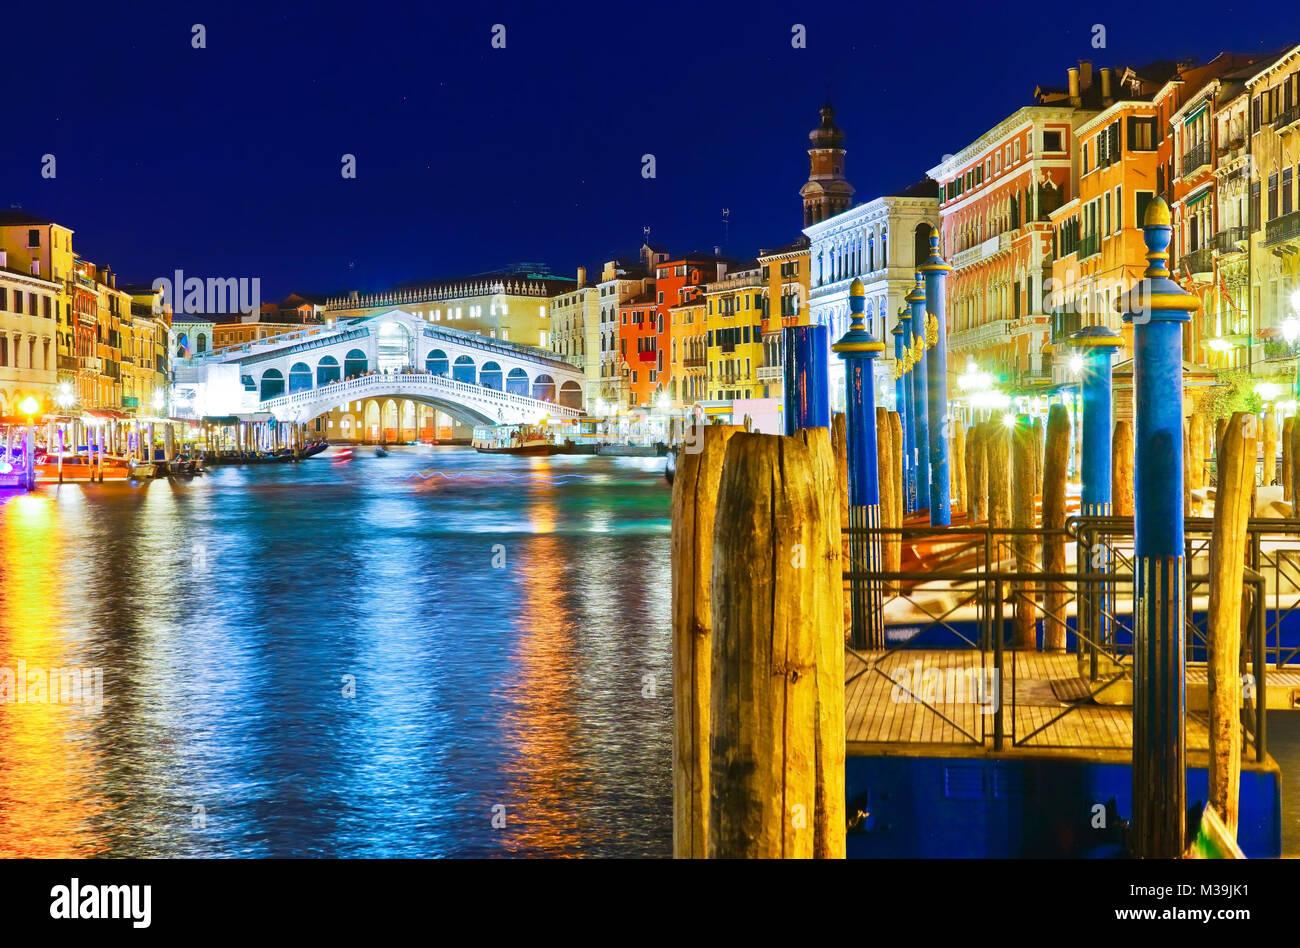 Vue sur le pont du Rialto et le Grand Canal à Venise la nuit. Photo Stock